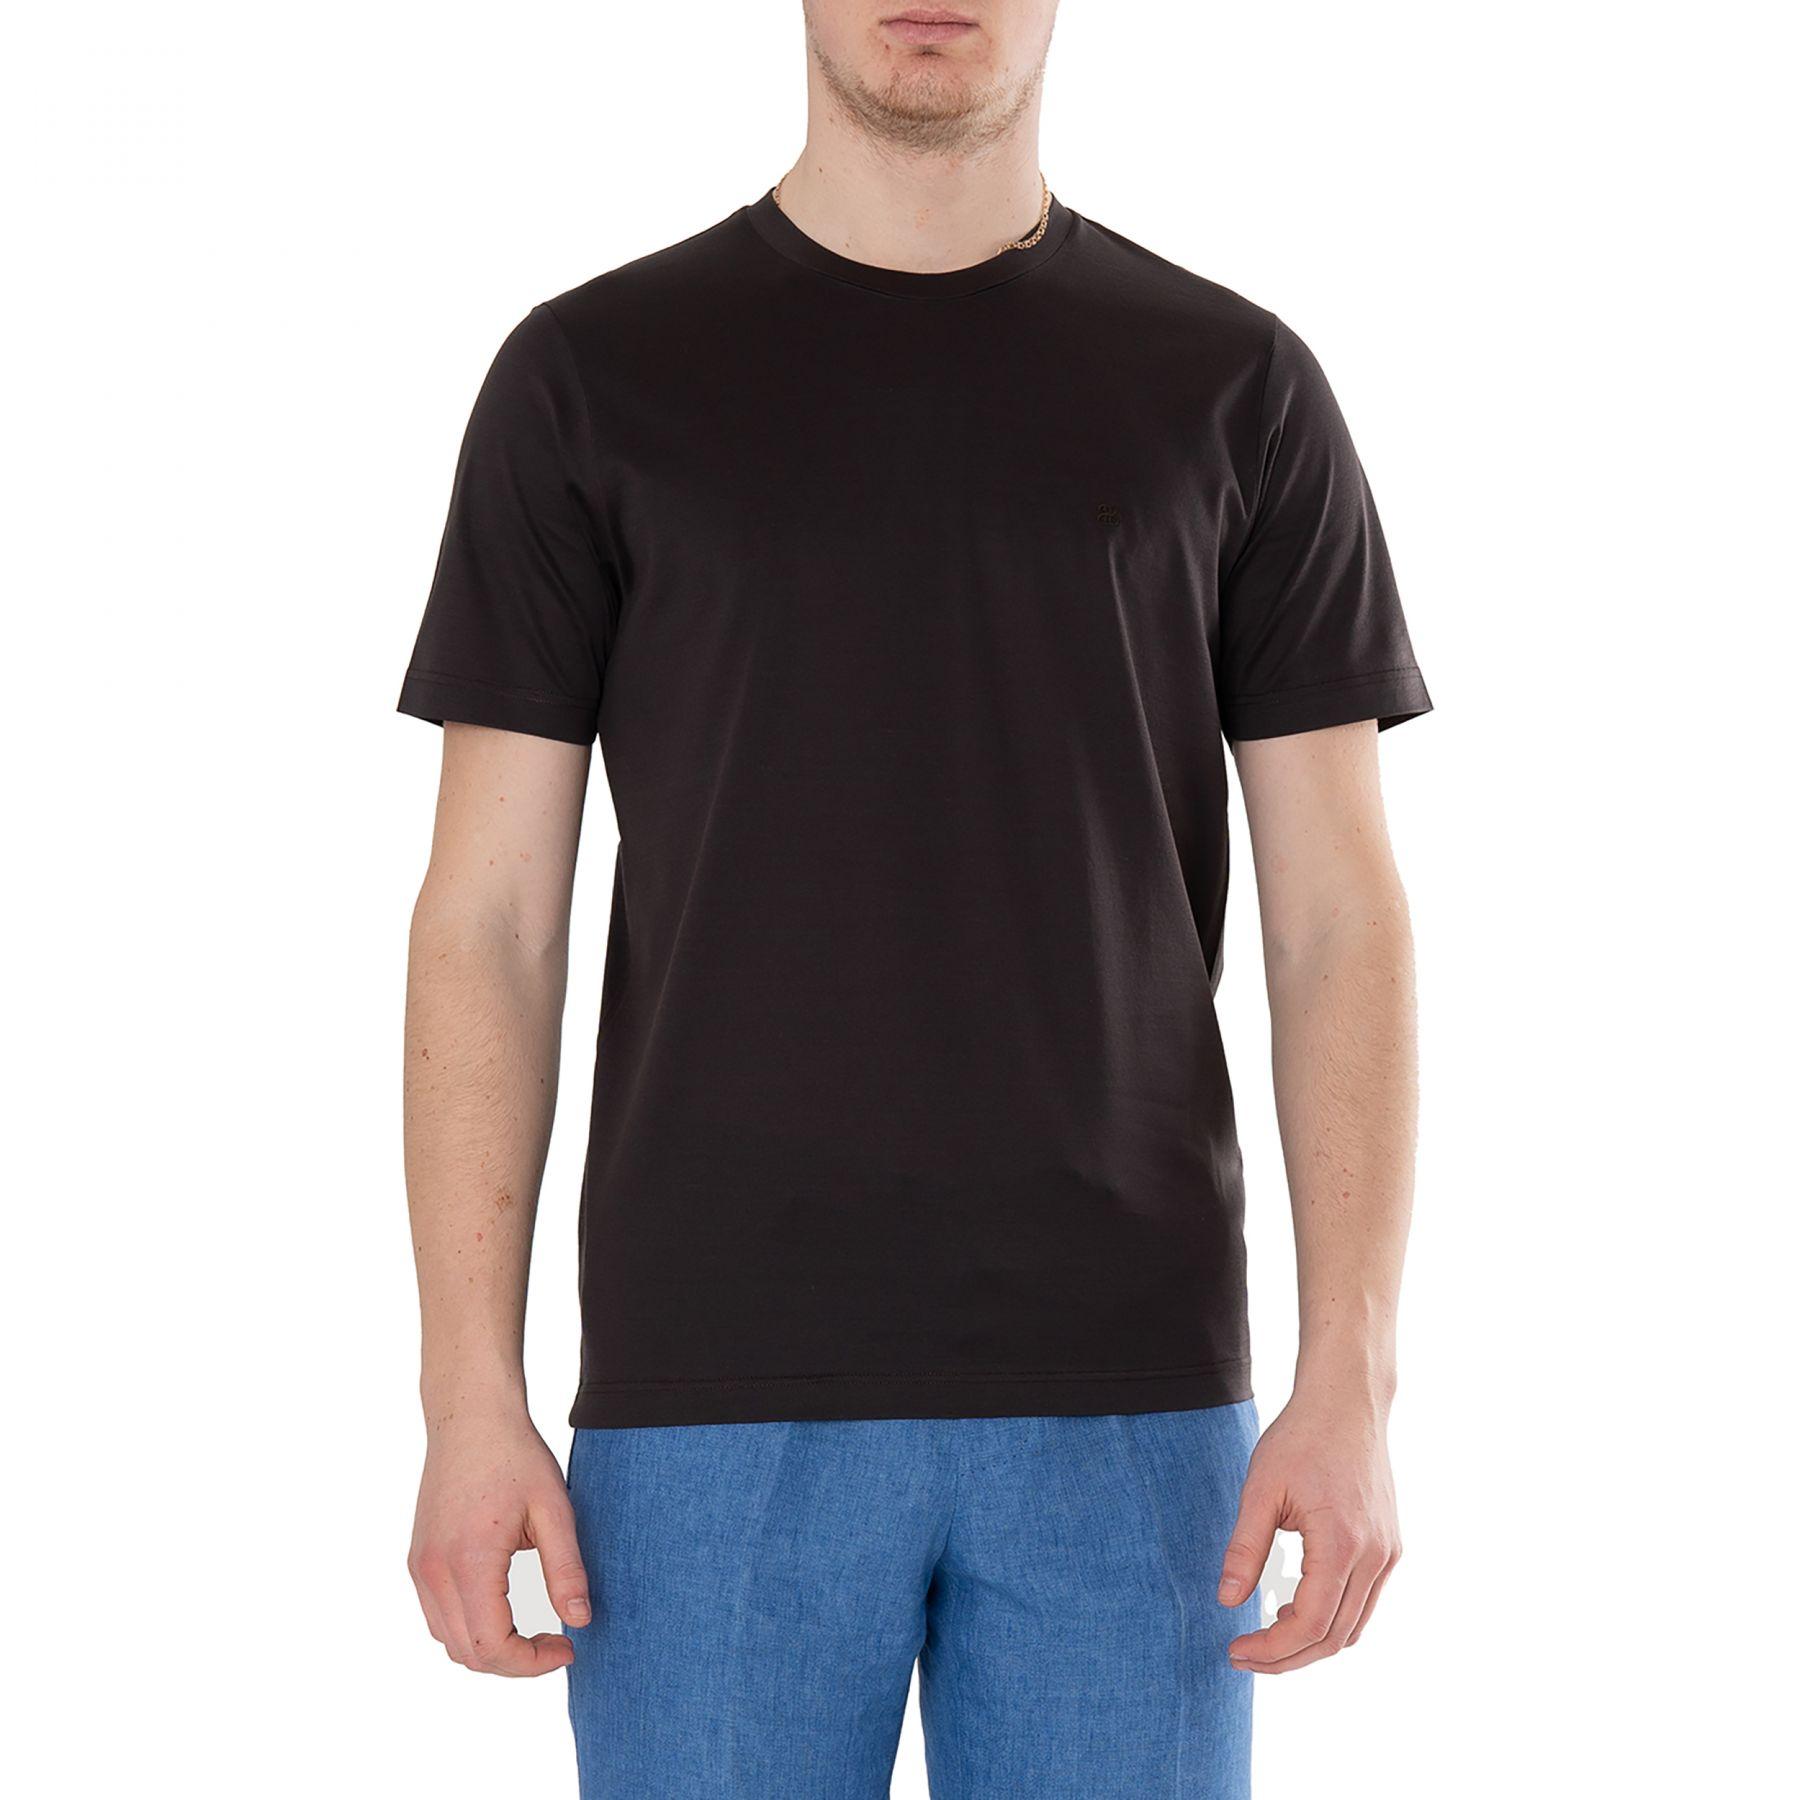 Футболка Bertolo Cashmere темно-коричневая